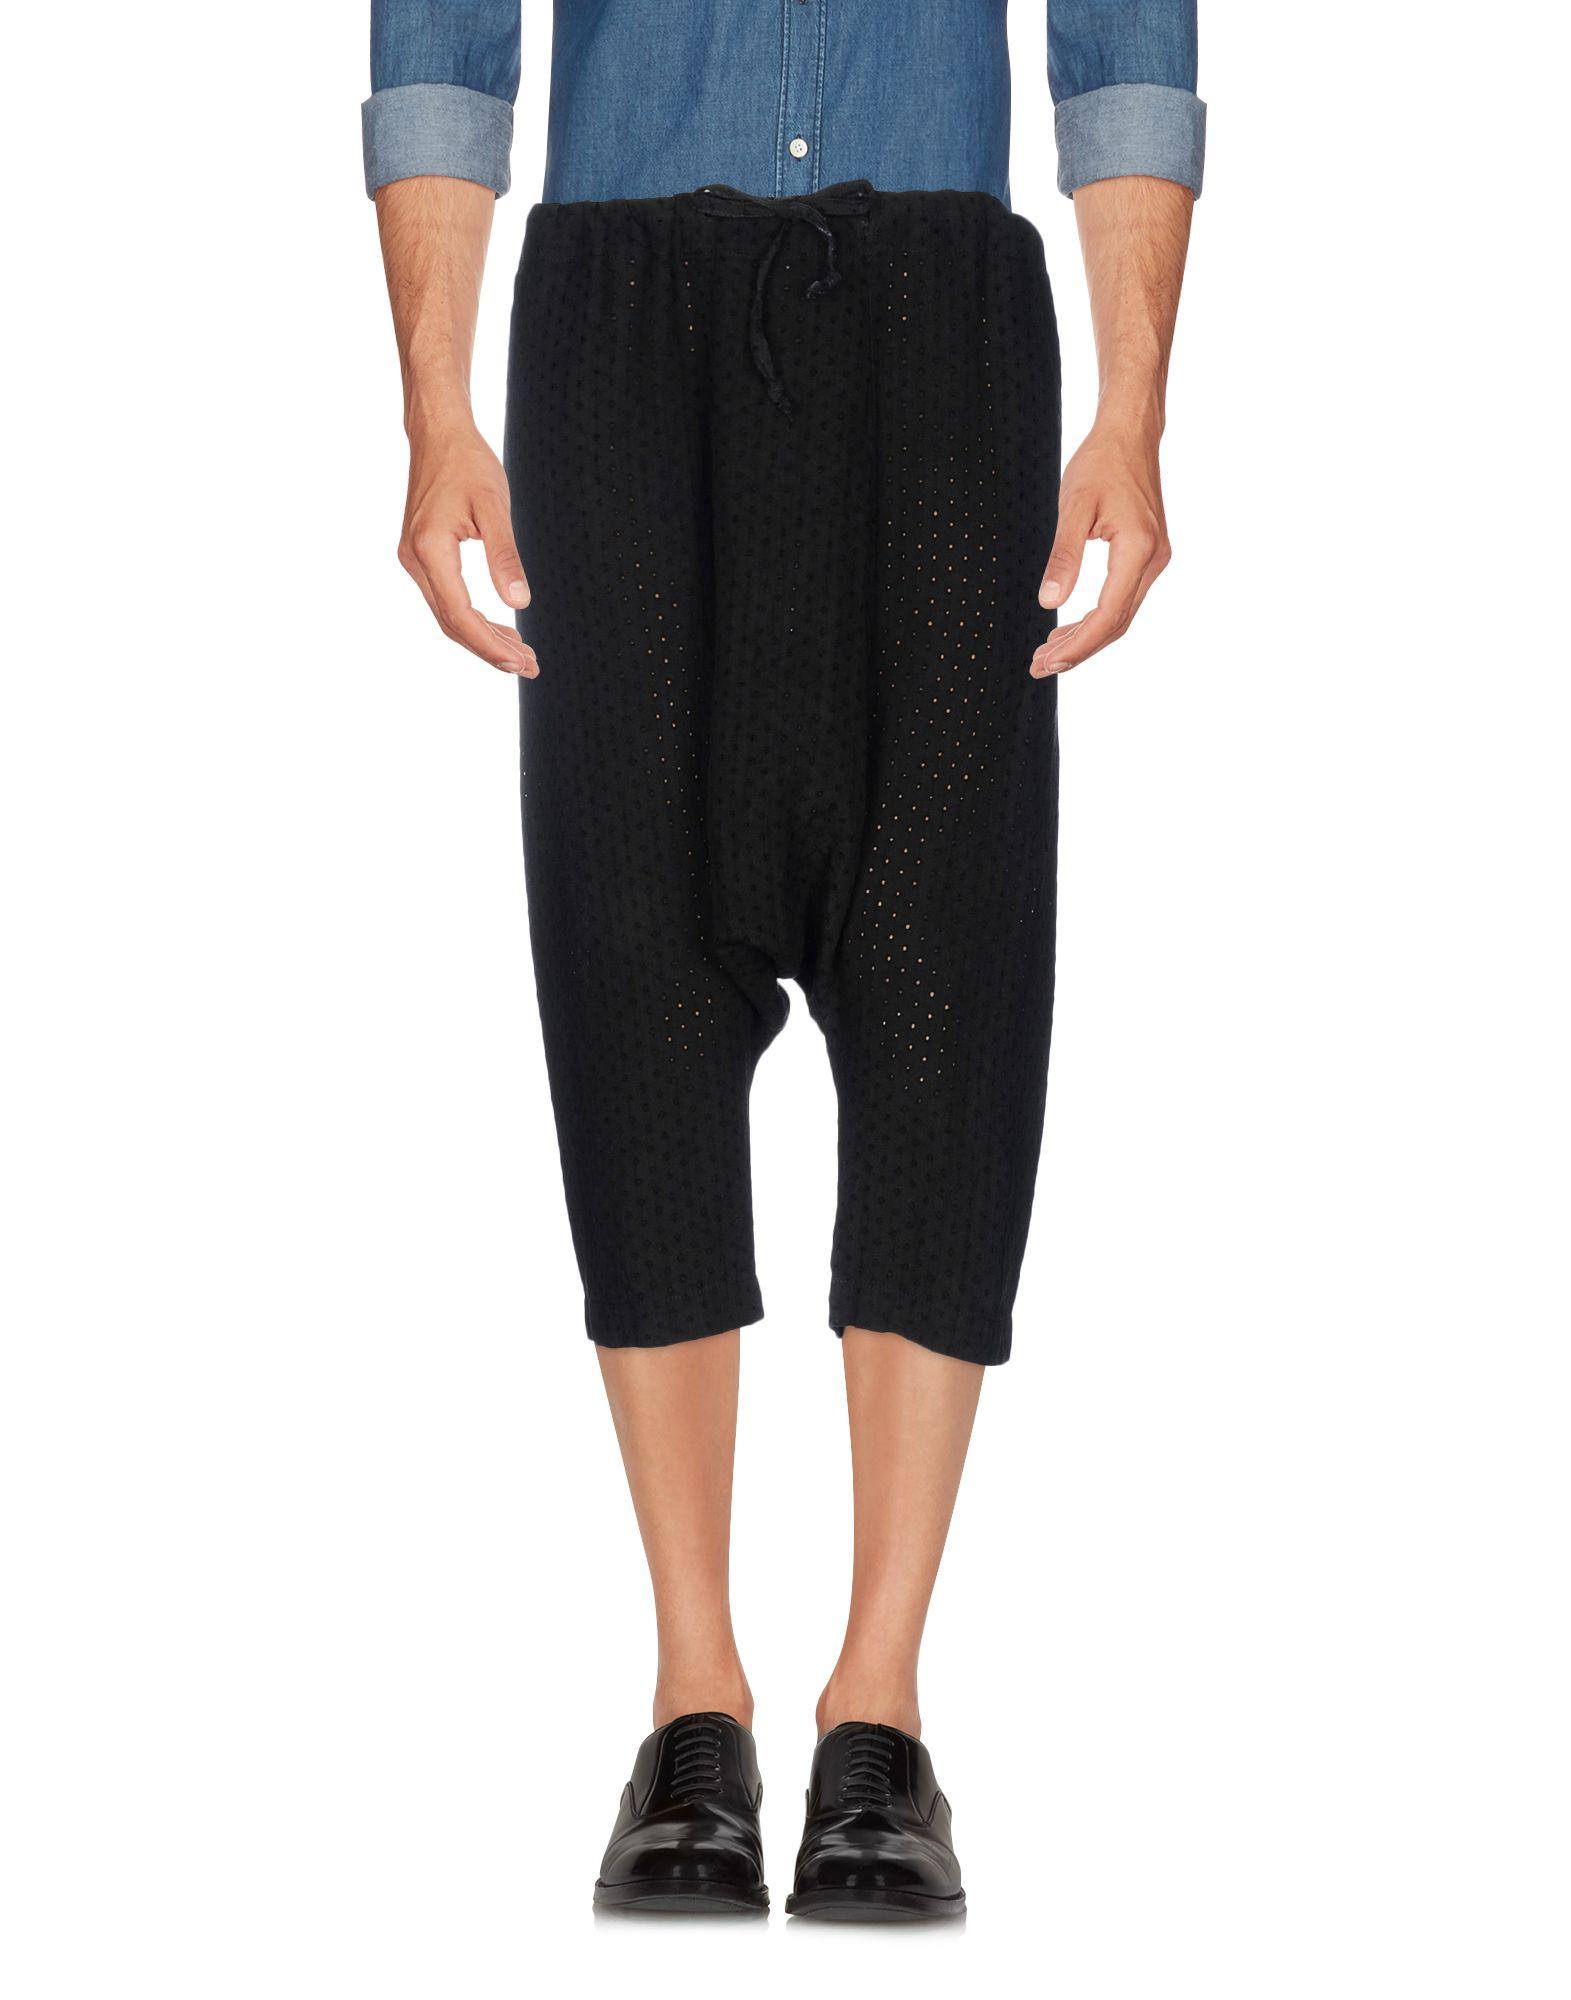 Pantalone Capri Forme Dexpression Uomo - Acquista online su